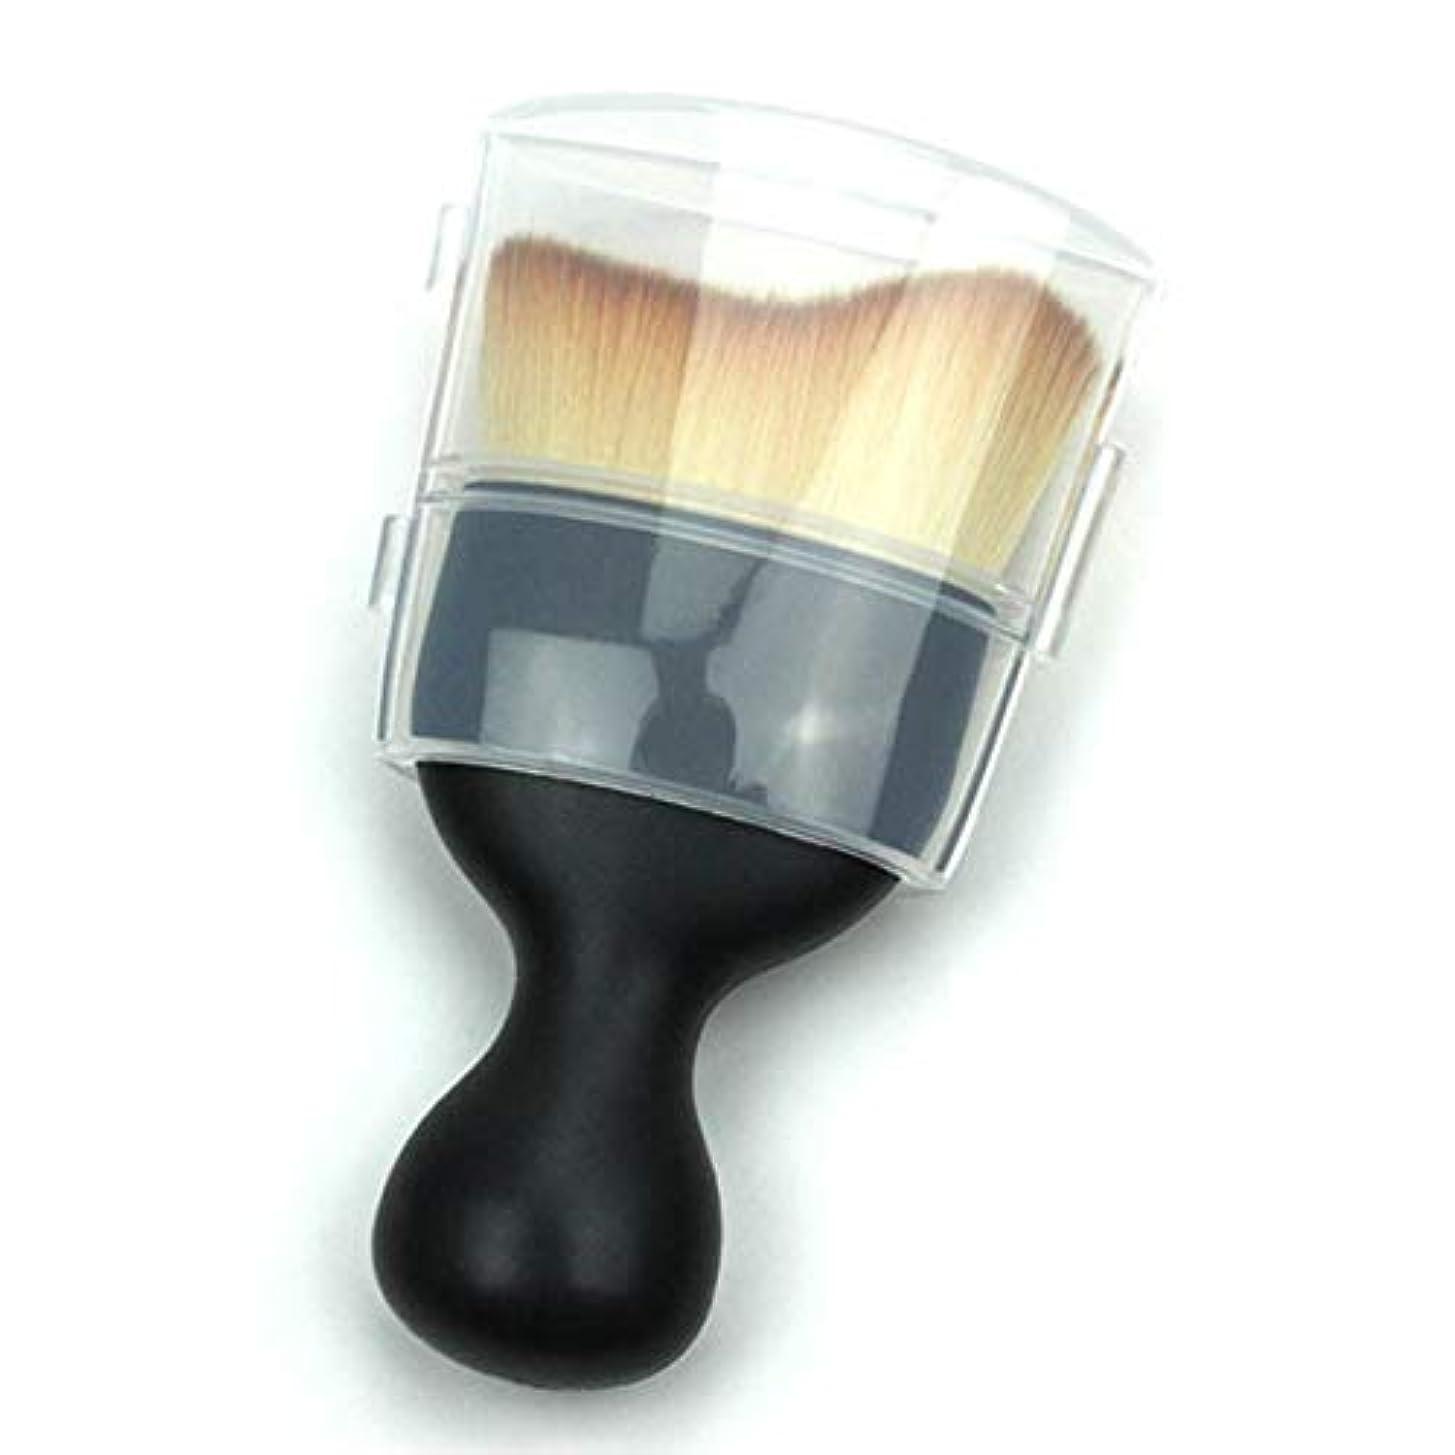 シェーバー格差浮くBibipangstore ポータブルサイズプラスチックハンドルファンデーションブラシフラットクリームメイクアップブラシプロの化粧品メイクアップブラシ